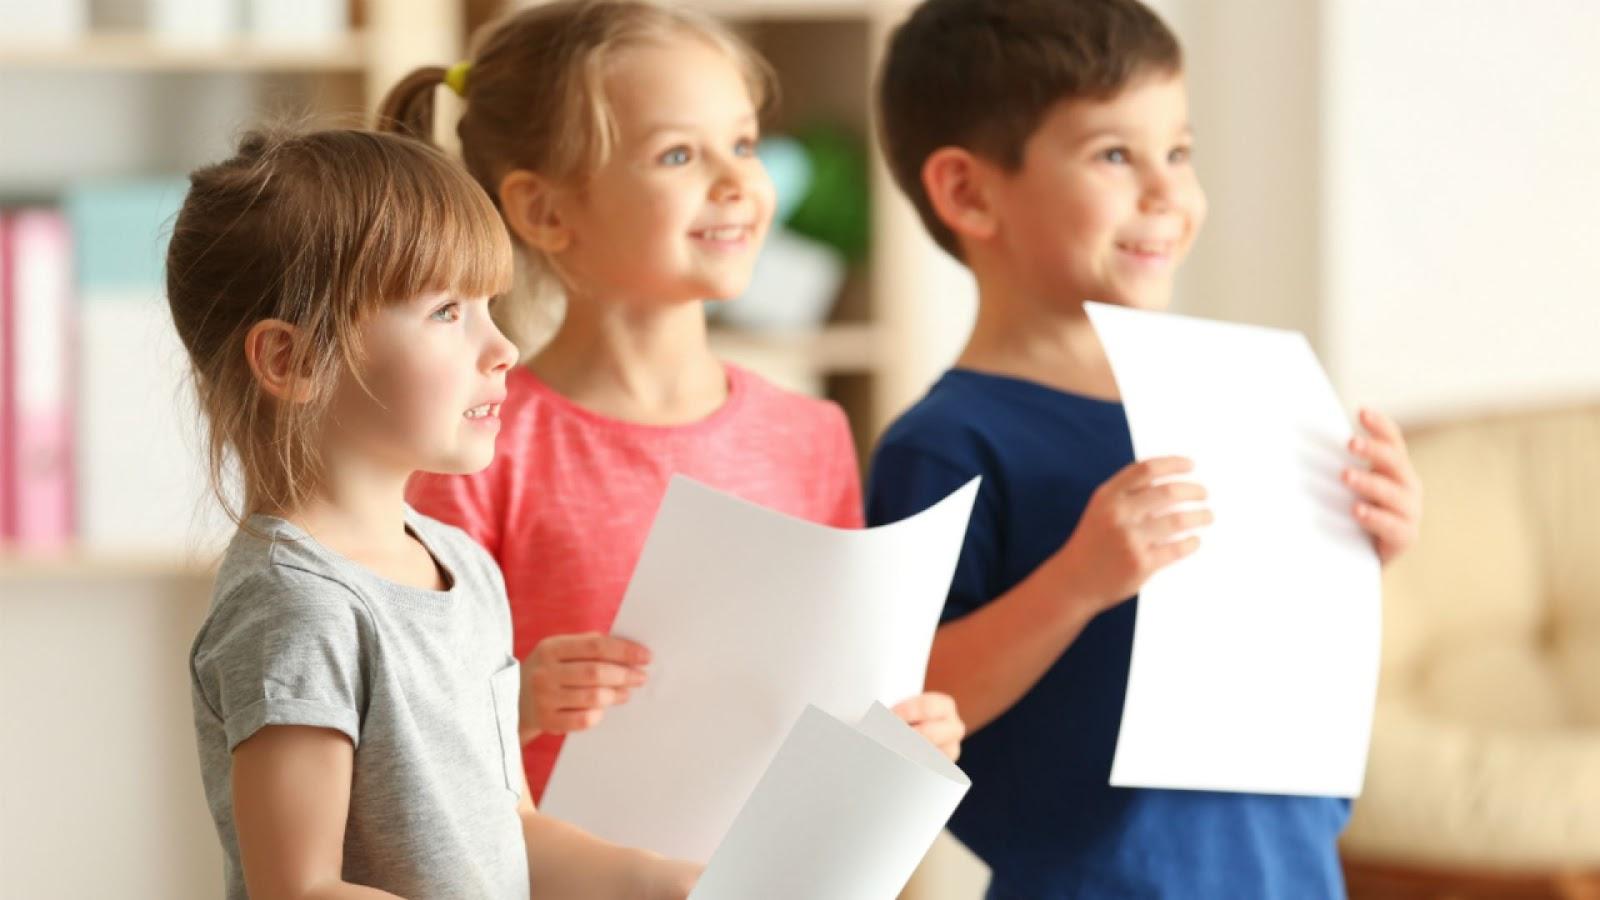 8 способов помочь ребенку, который волнуется перед выступлением - Телеканал  «О!»